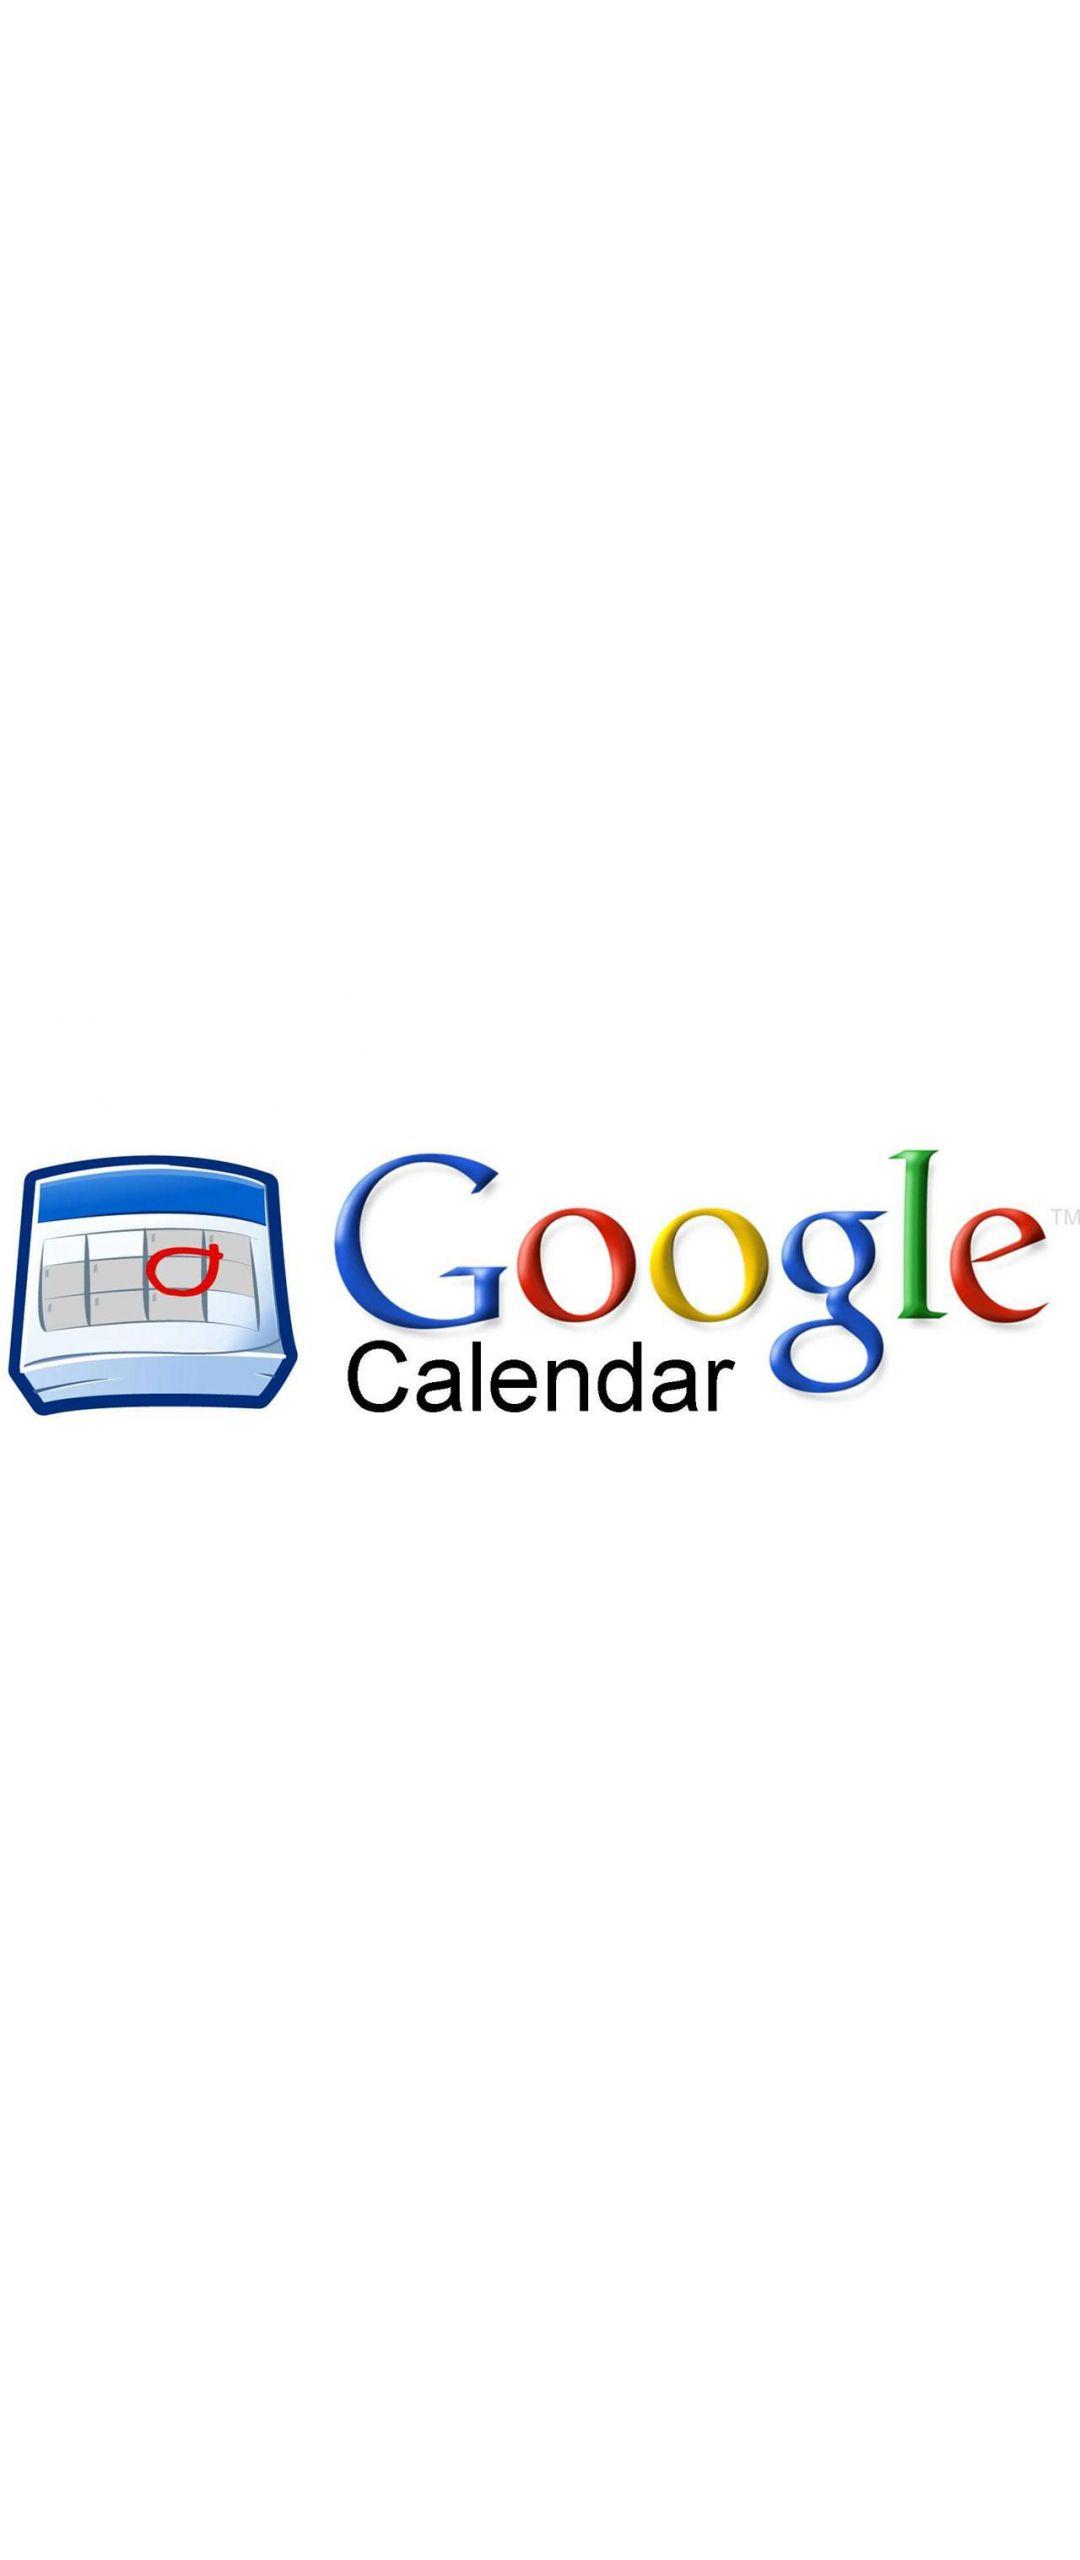 Google Calendar estaría por recibir un nuevo diseño